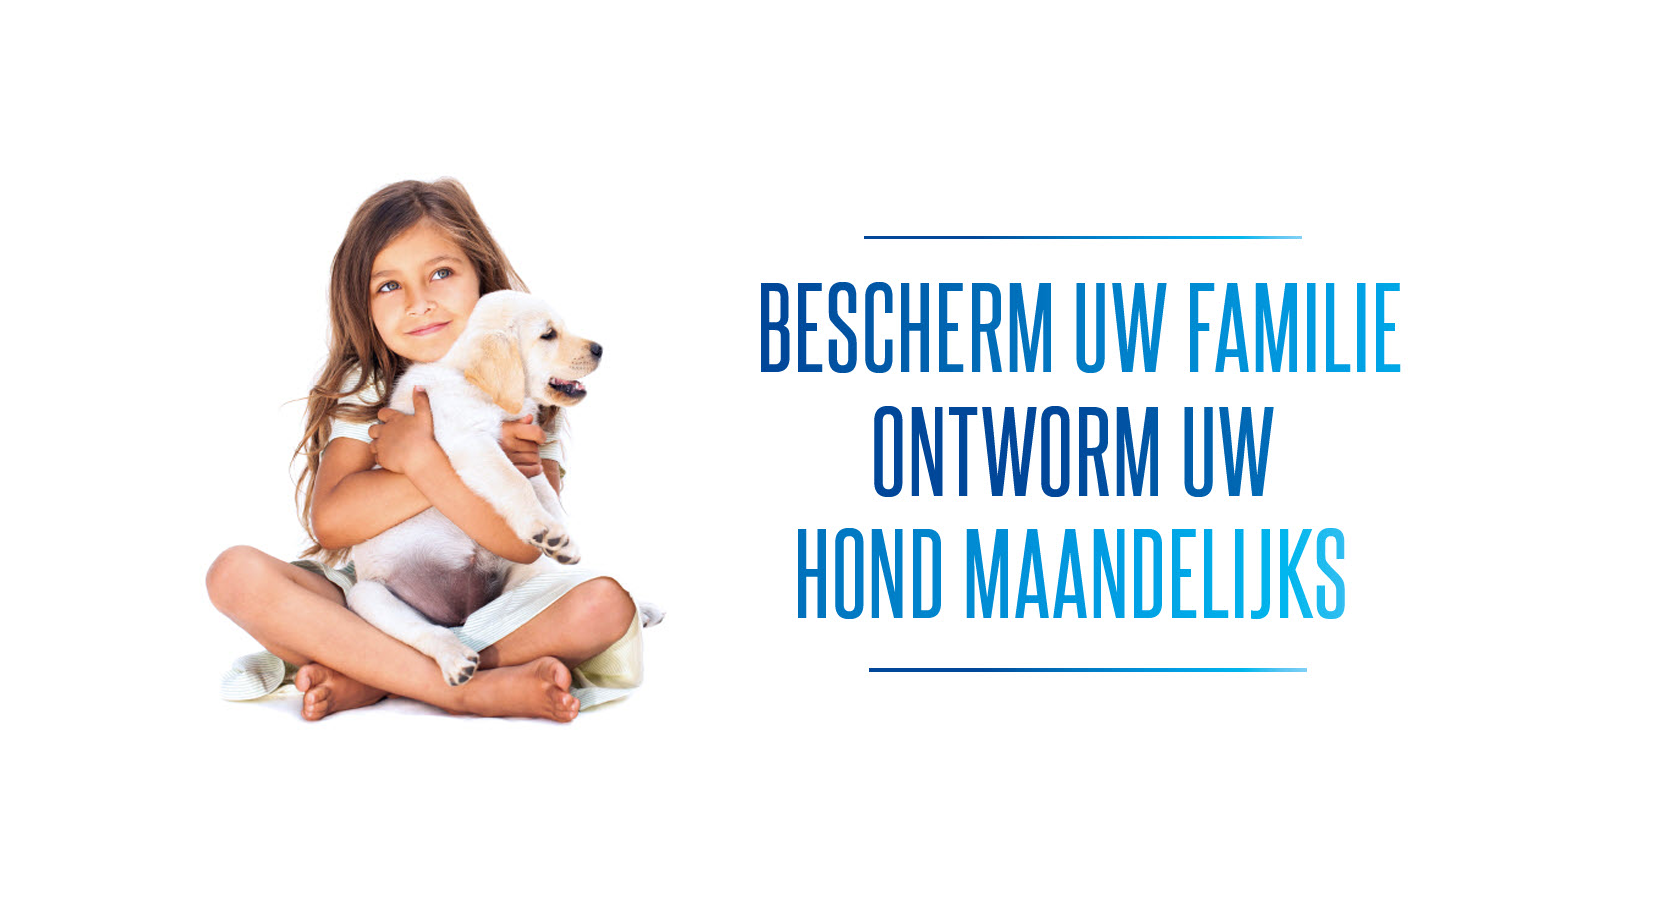 Bescherm uw familie, ontworm uw hond maandelijks